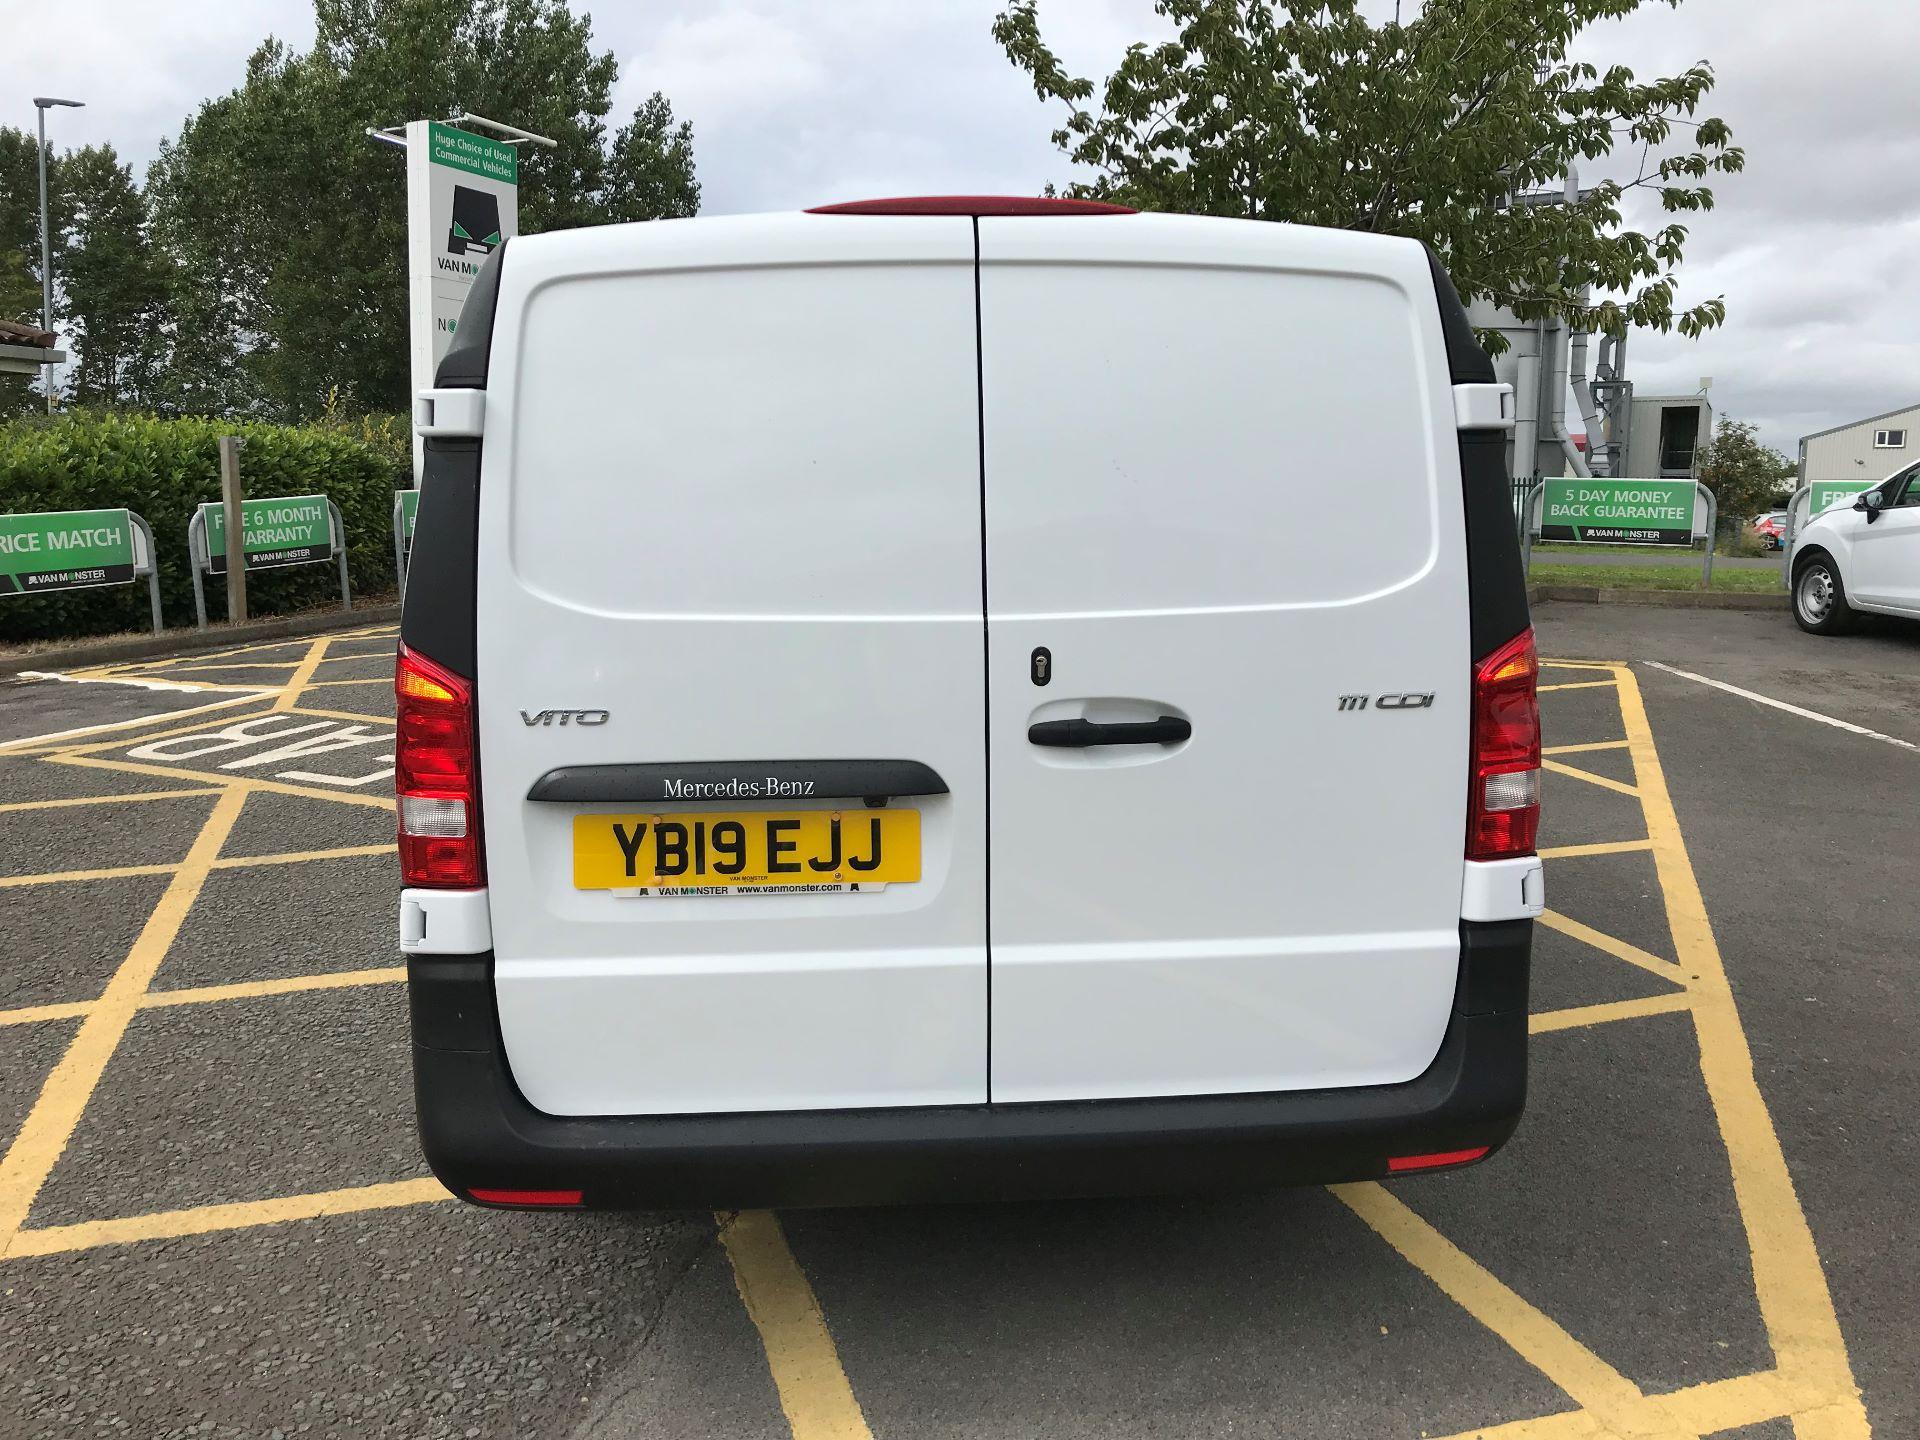 2019 Mercedes-Benz Vito 111Cdi Van (YB19EJJ) Image 5